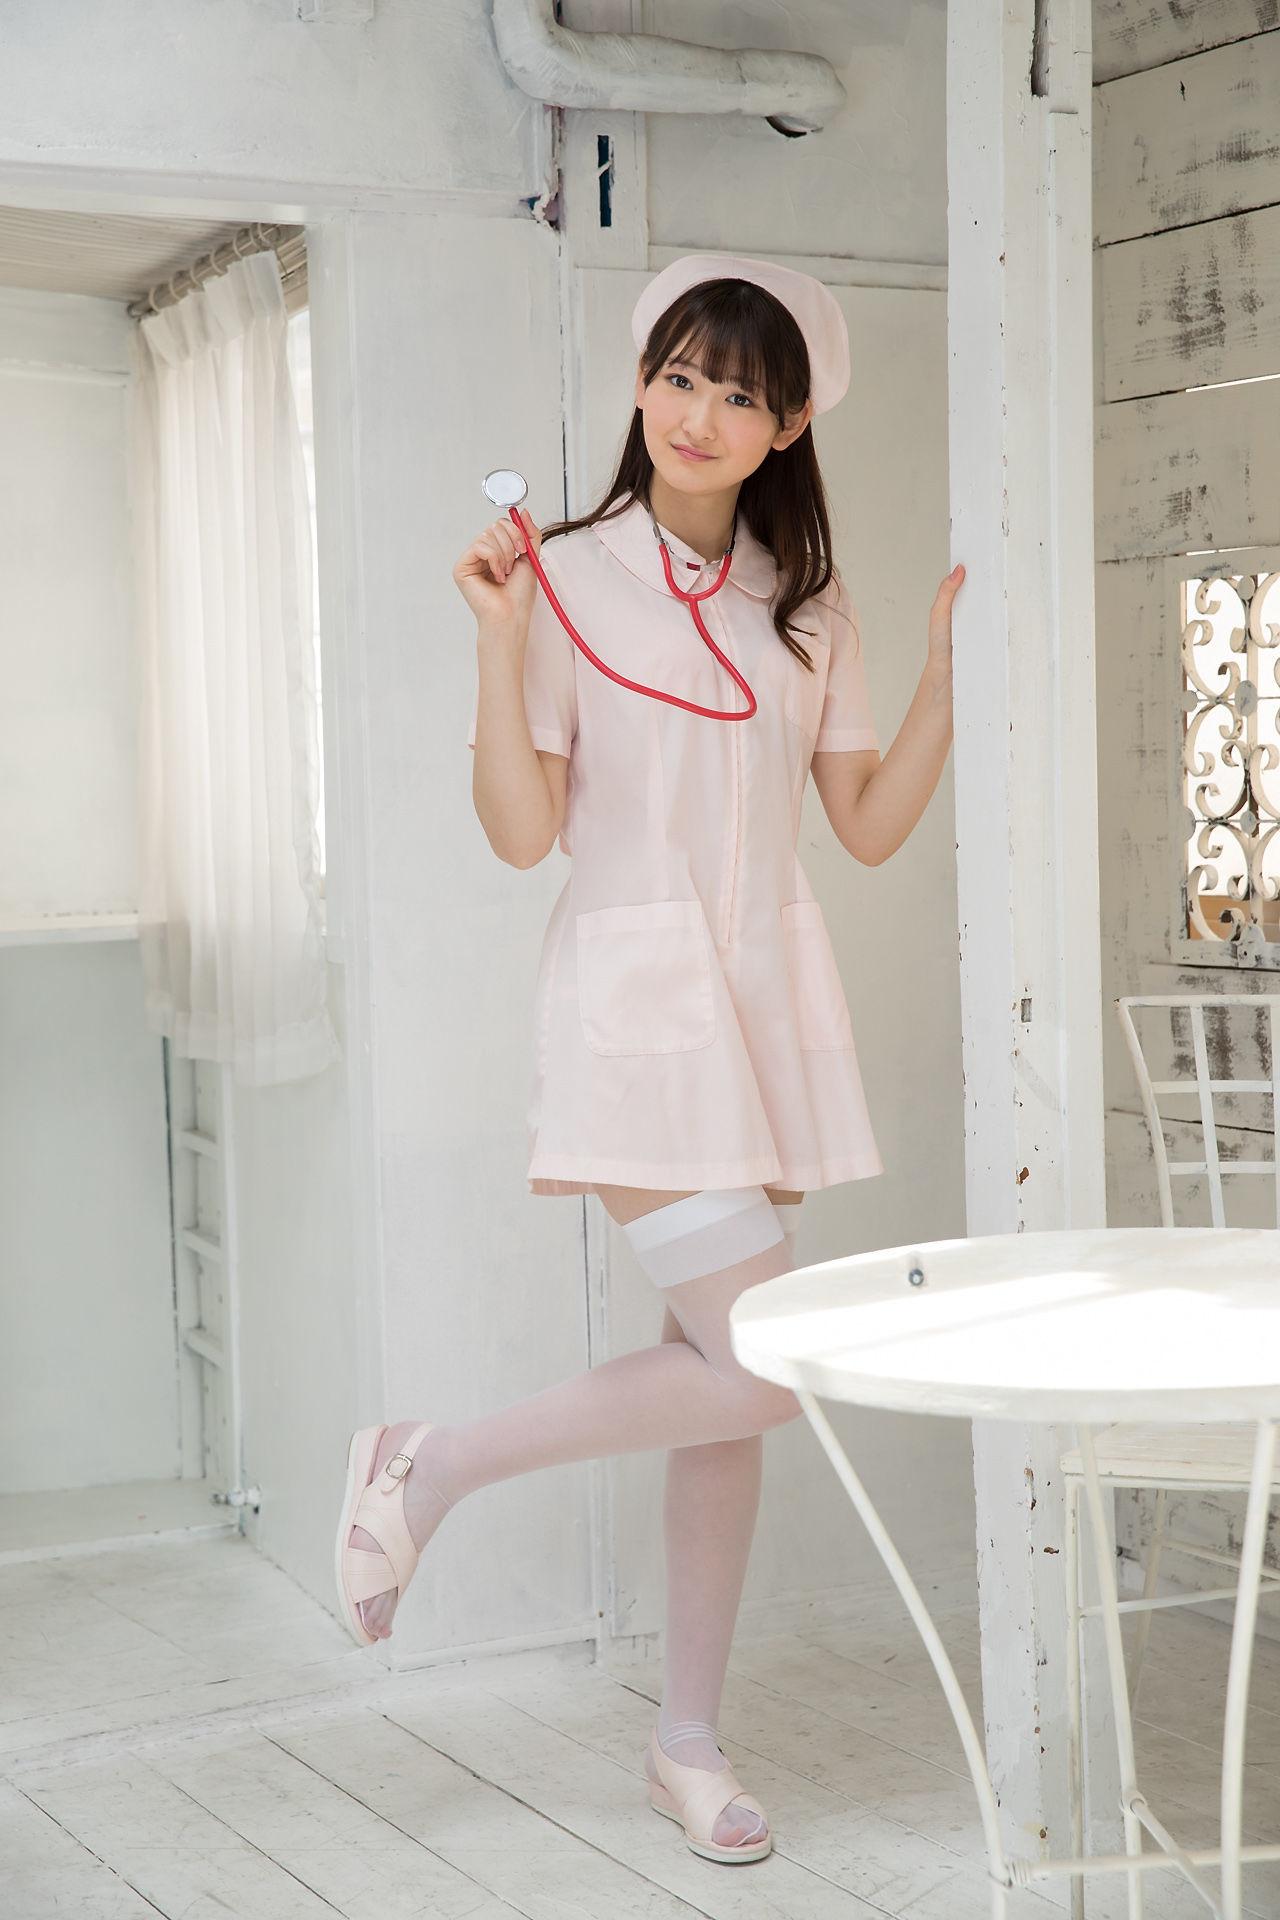 近藤あさみ - 性感美护士写真套图